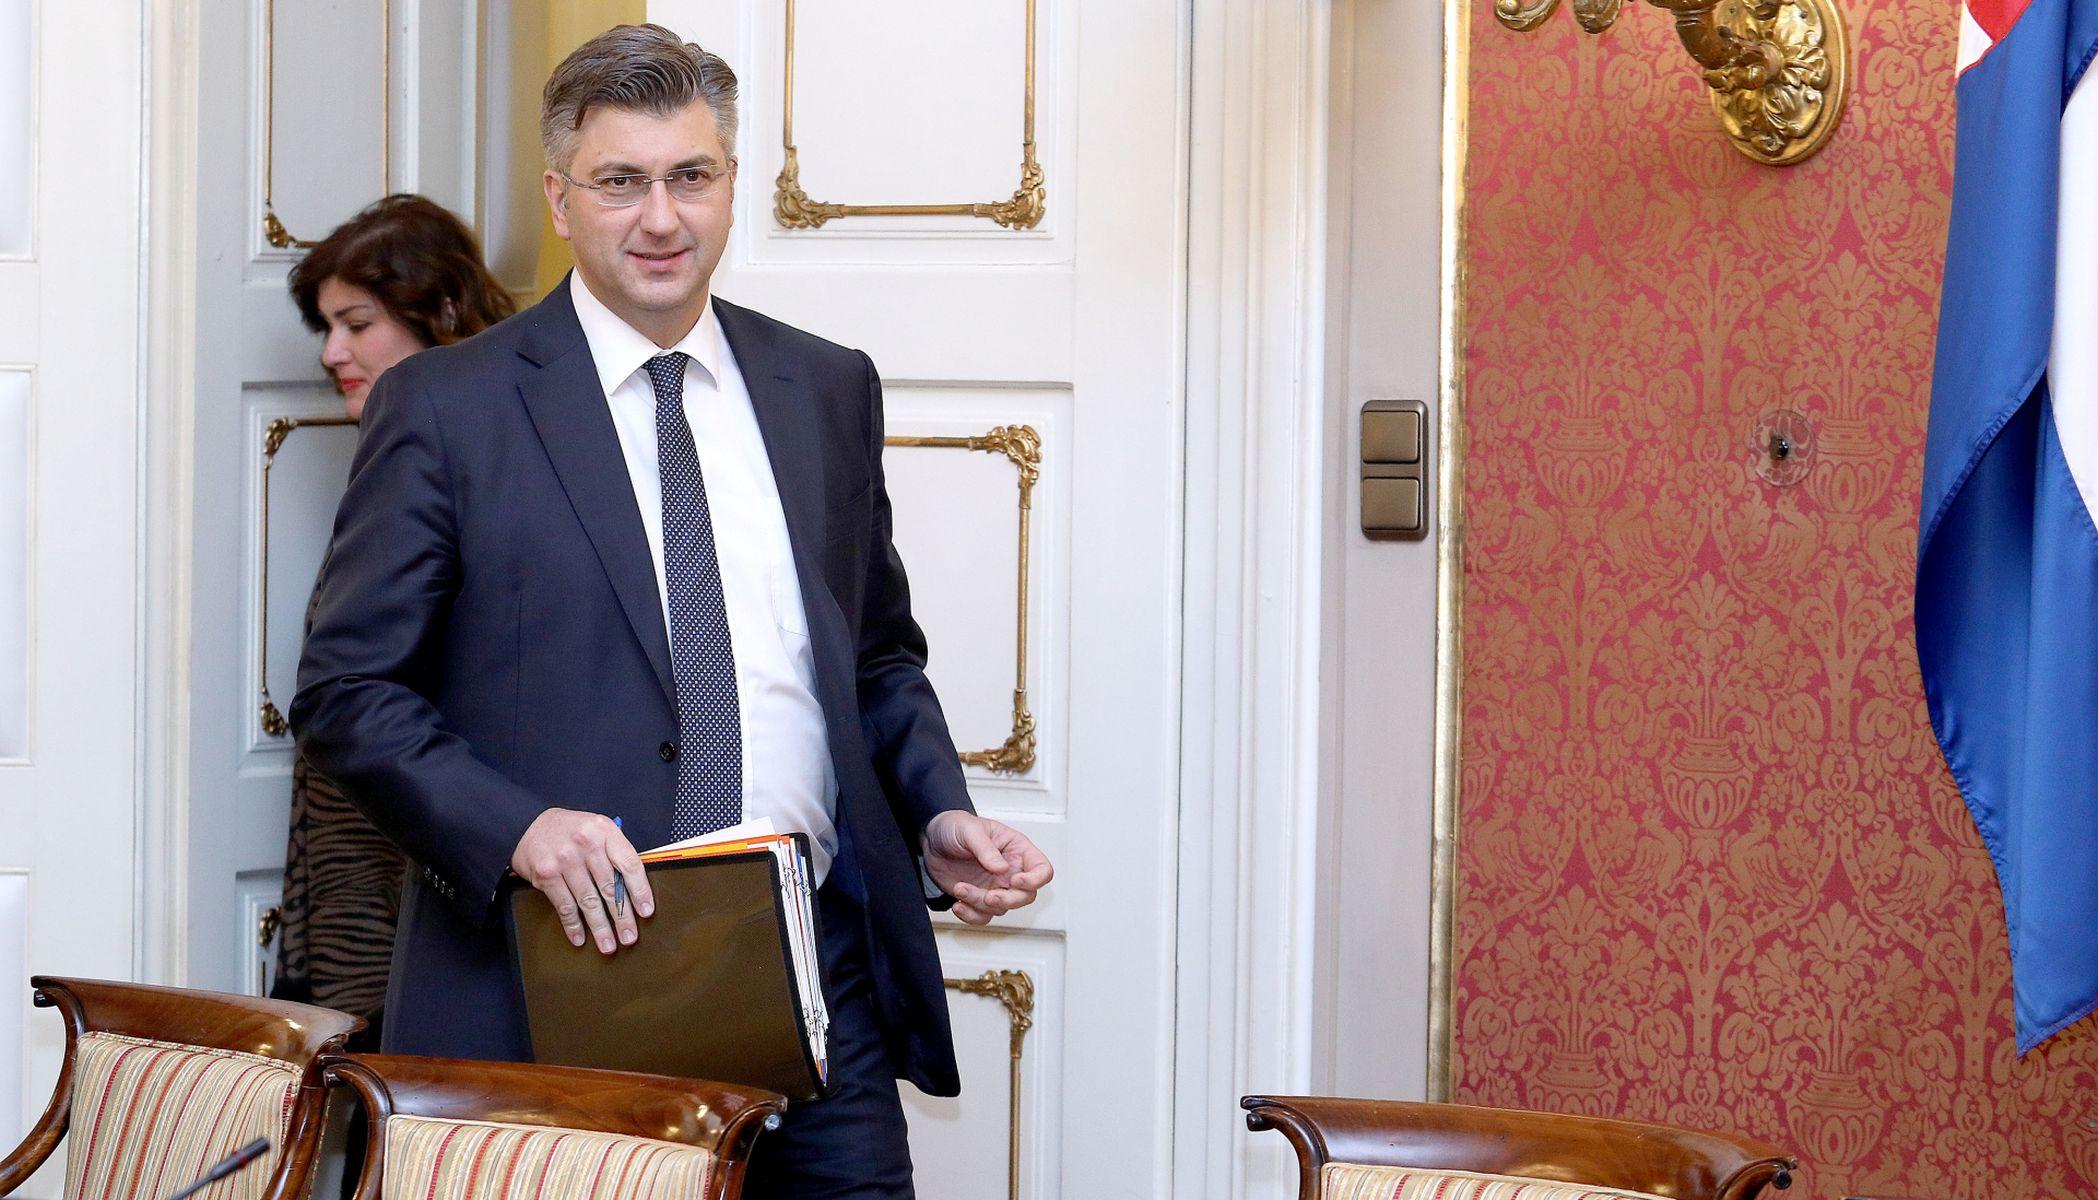 PLENKOVIĆ: Kredit HBOR-a nije sporan, ministar Z. Marić ima moje povjerenje